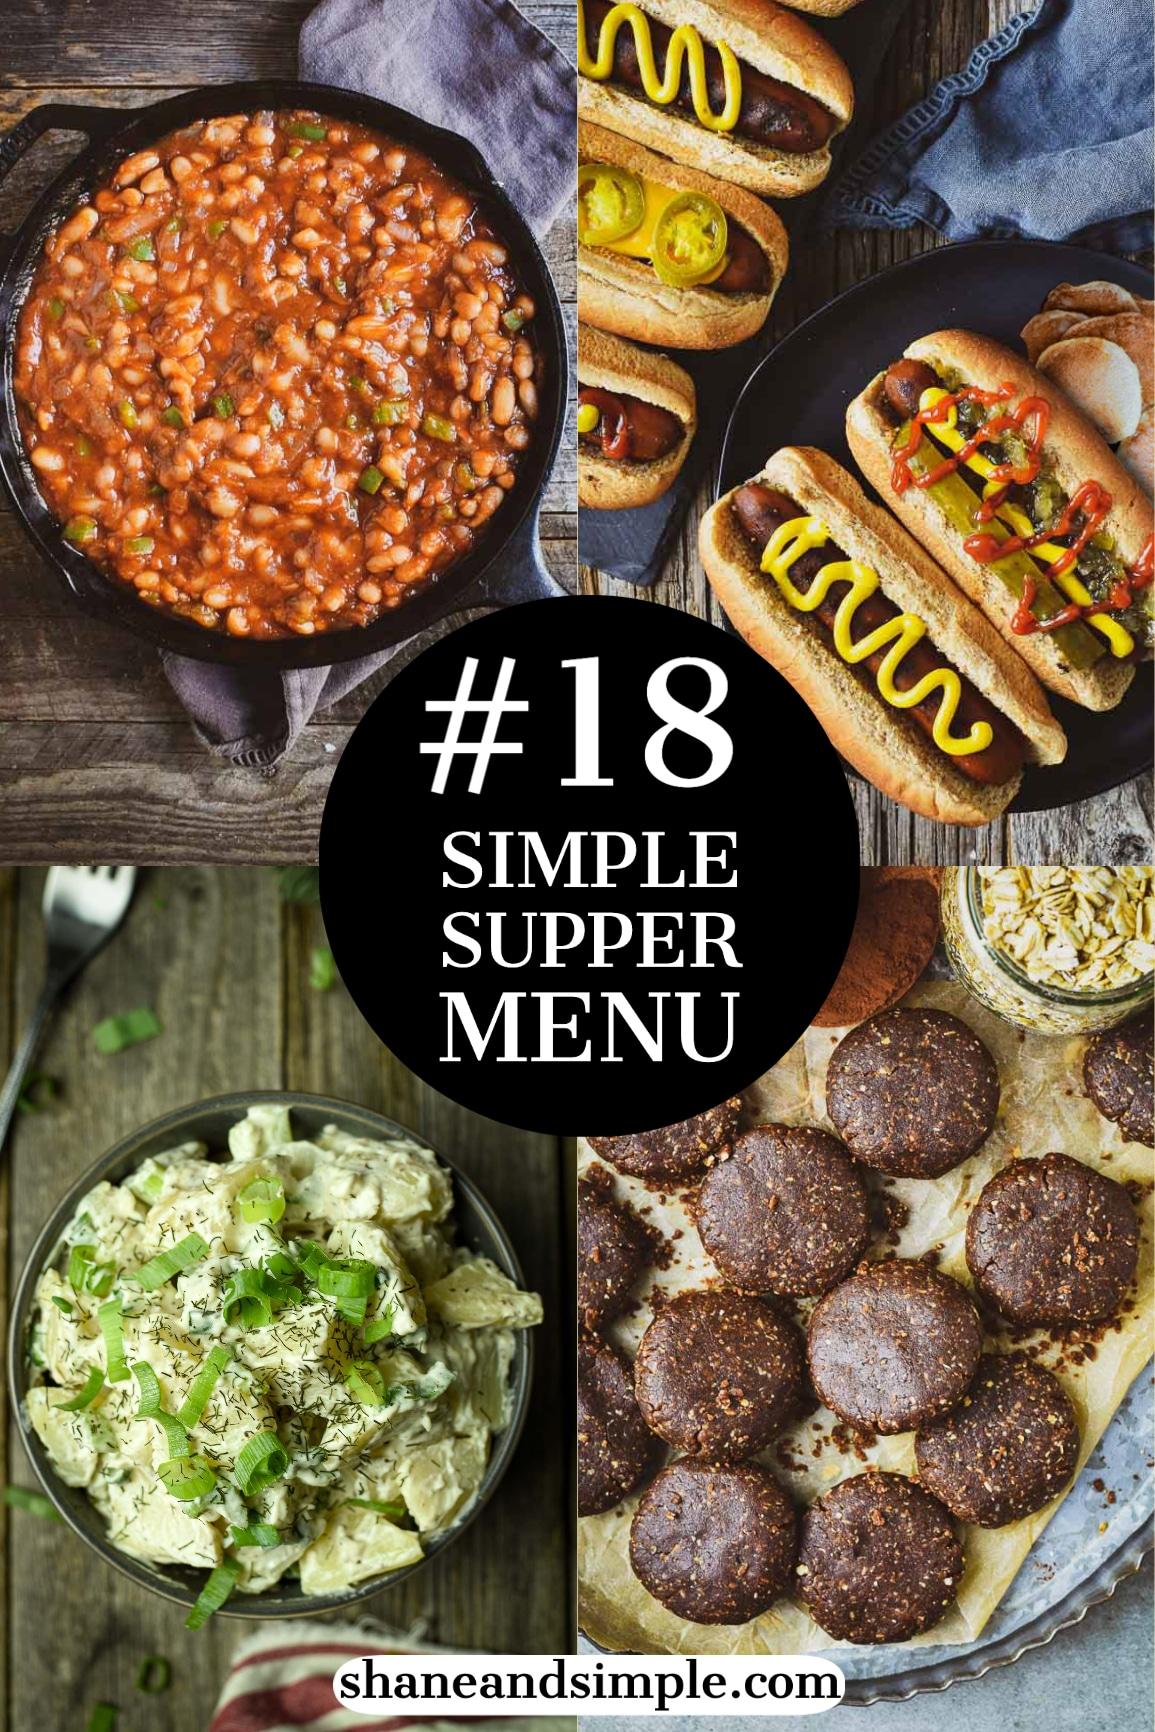 Simple Supper Menu #18 - Vegan Carrot Dogs